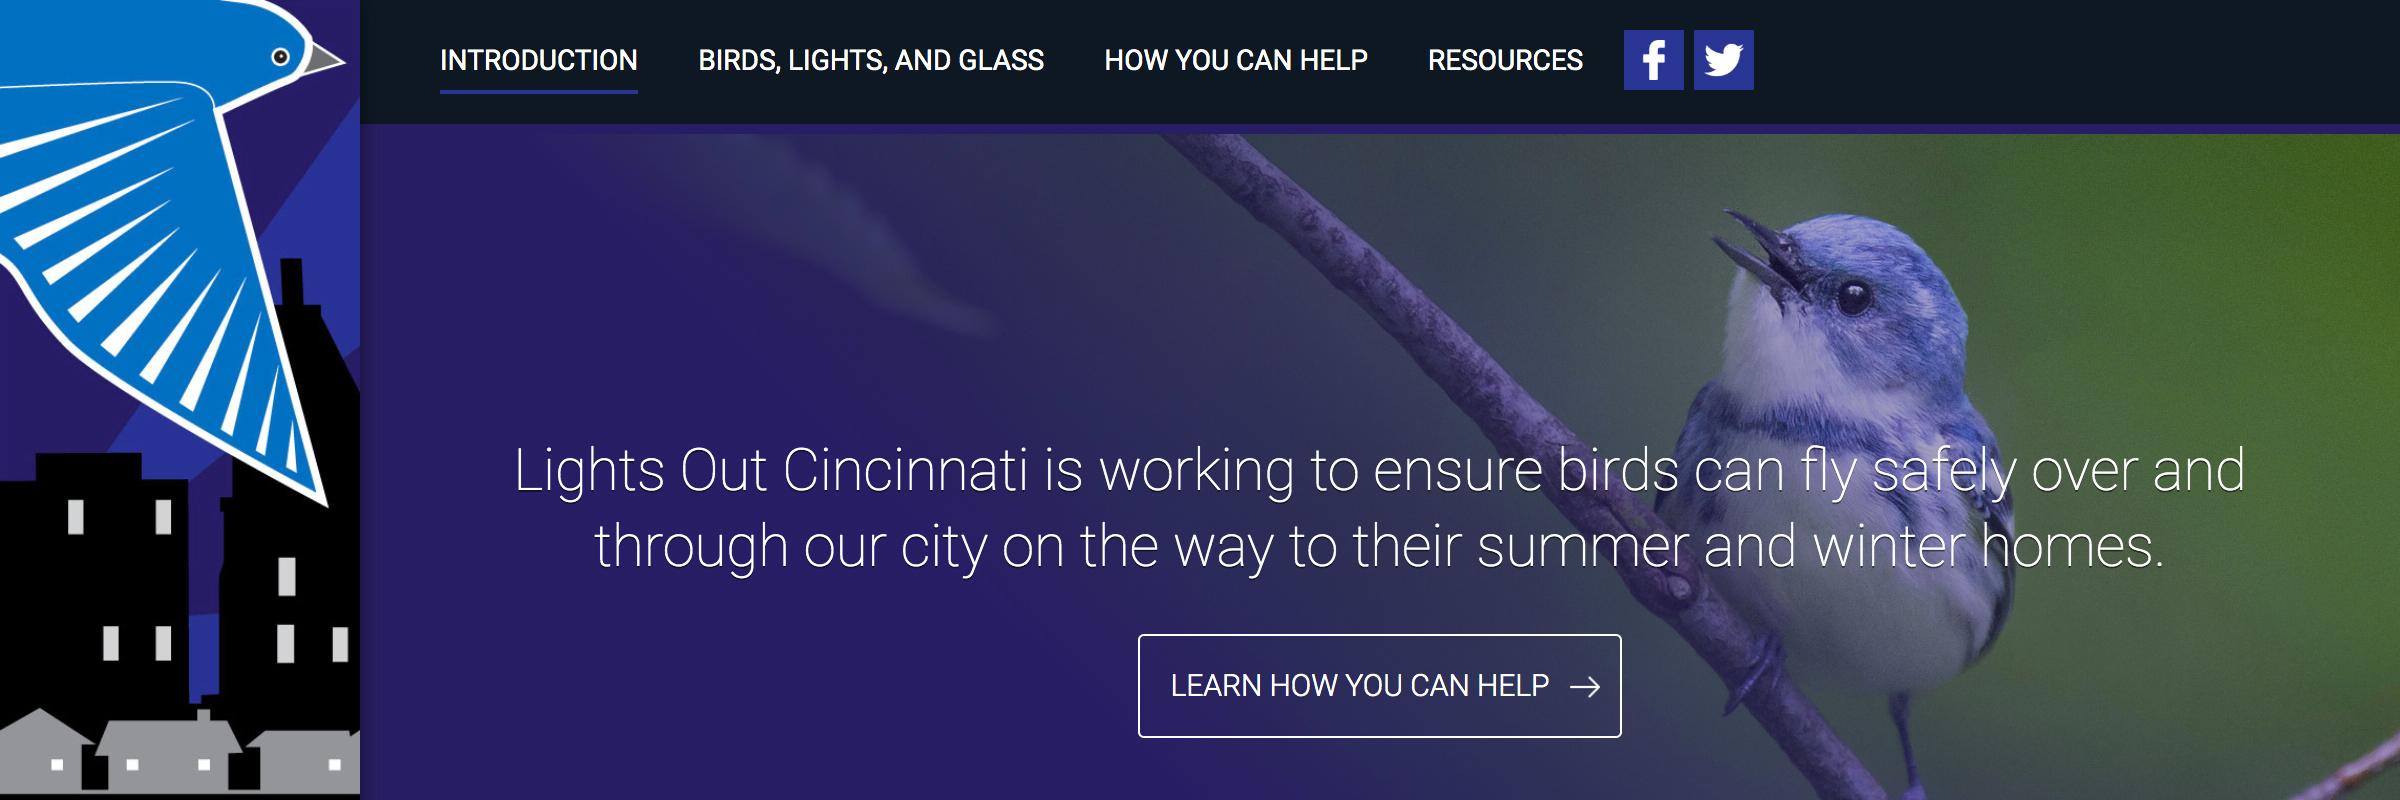 Cincinnati Zoo: Lights Out Cincinnati